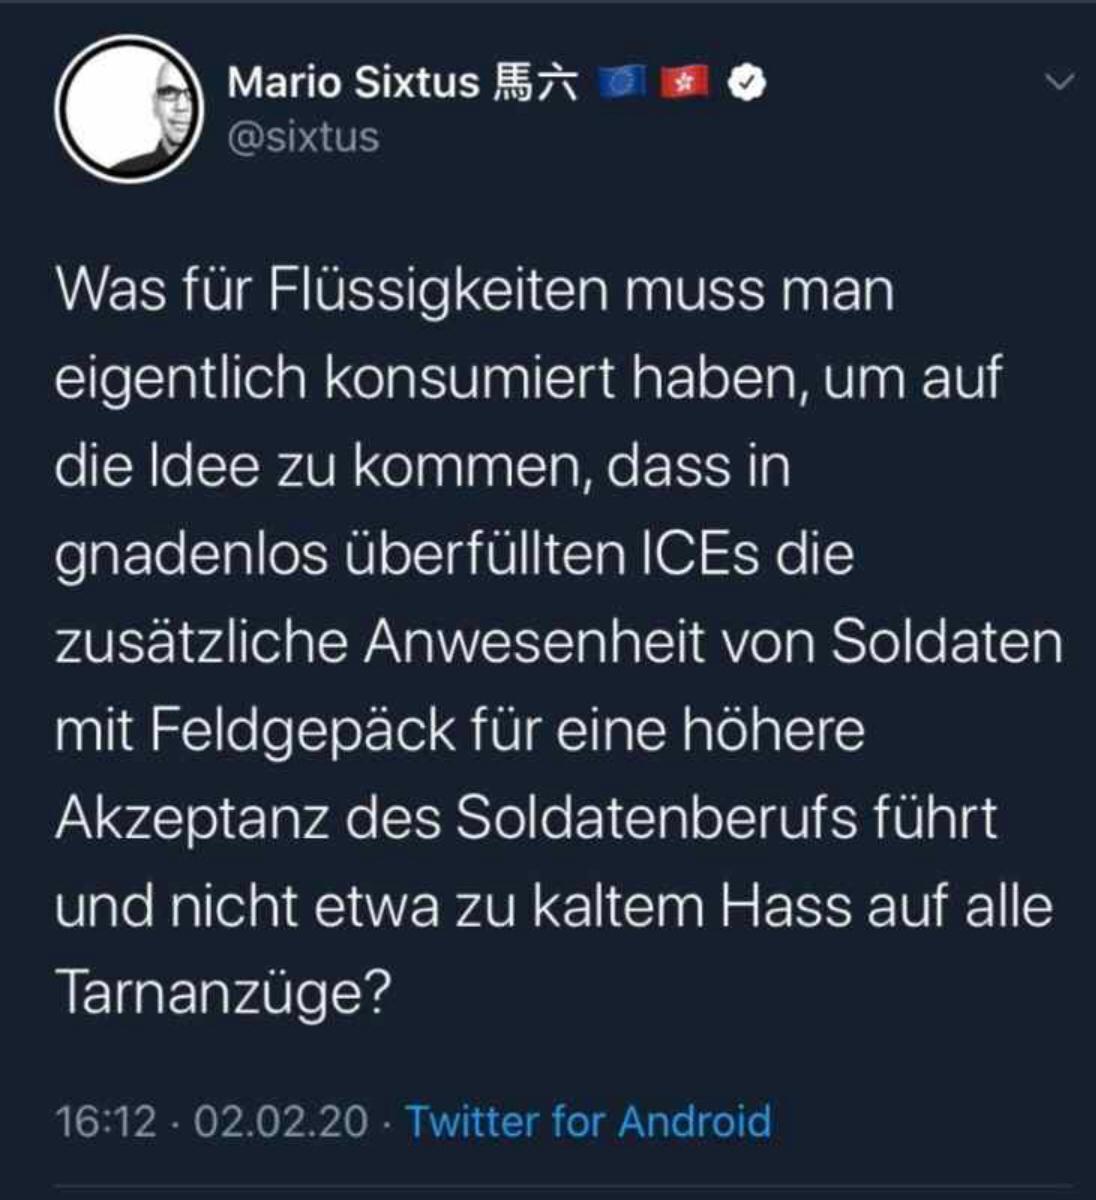 #Sixtus